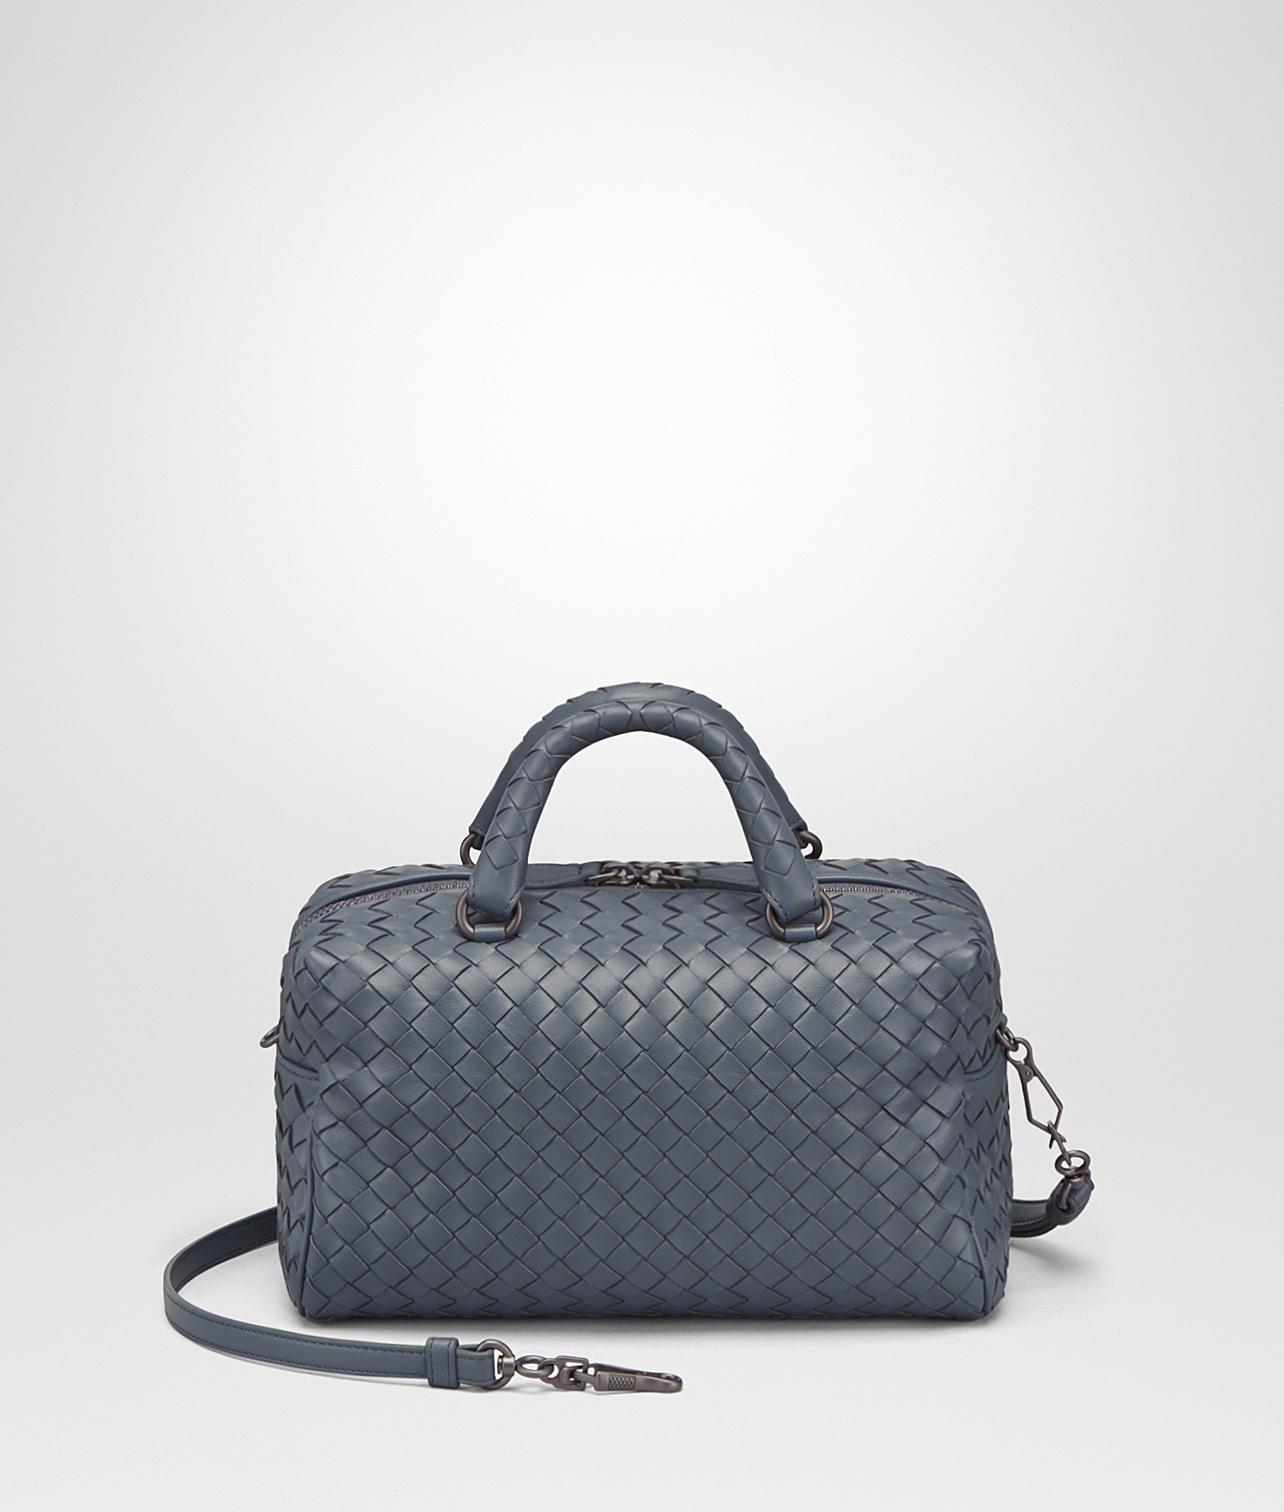 c2db49e86b8e Lyst - Bottega Veneta Mini Top Handle Bag